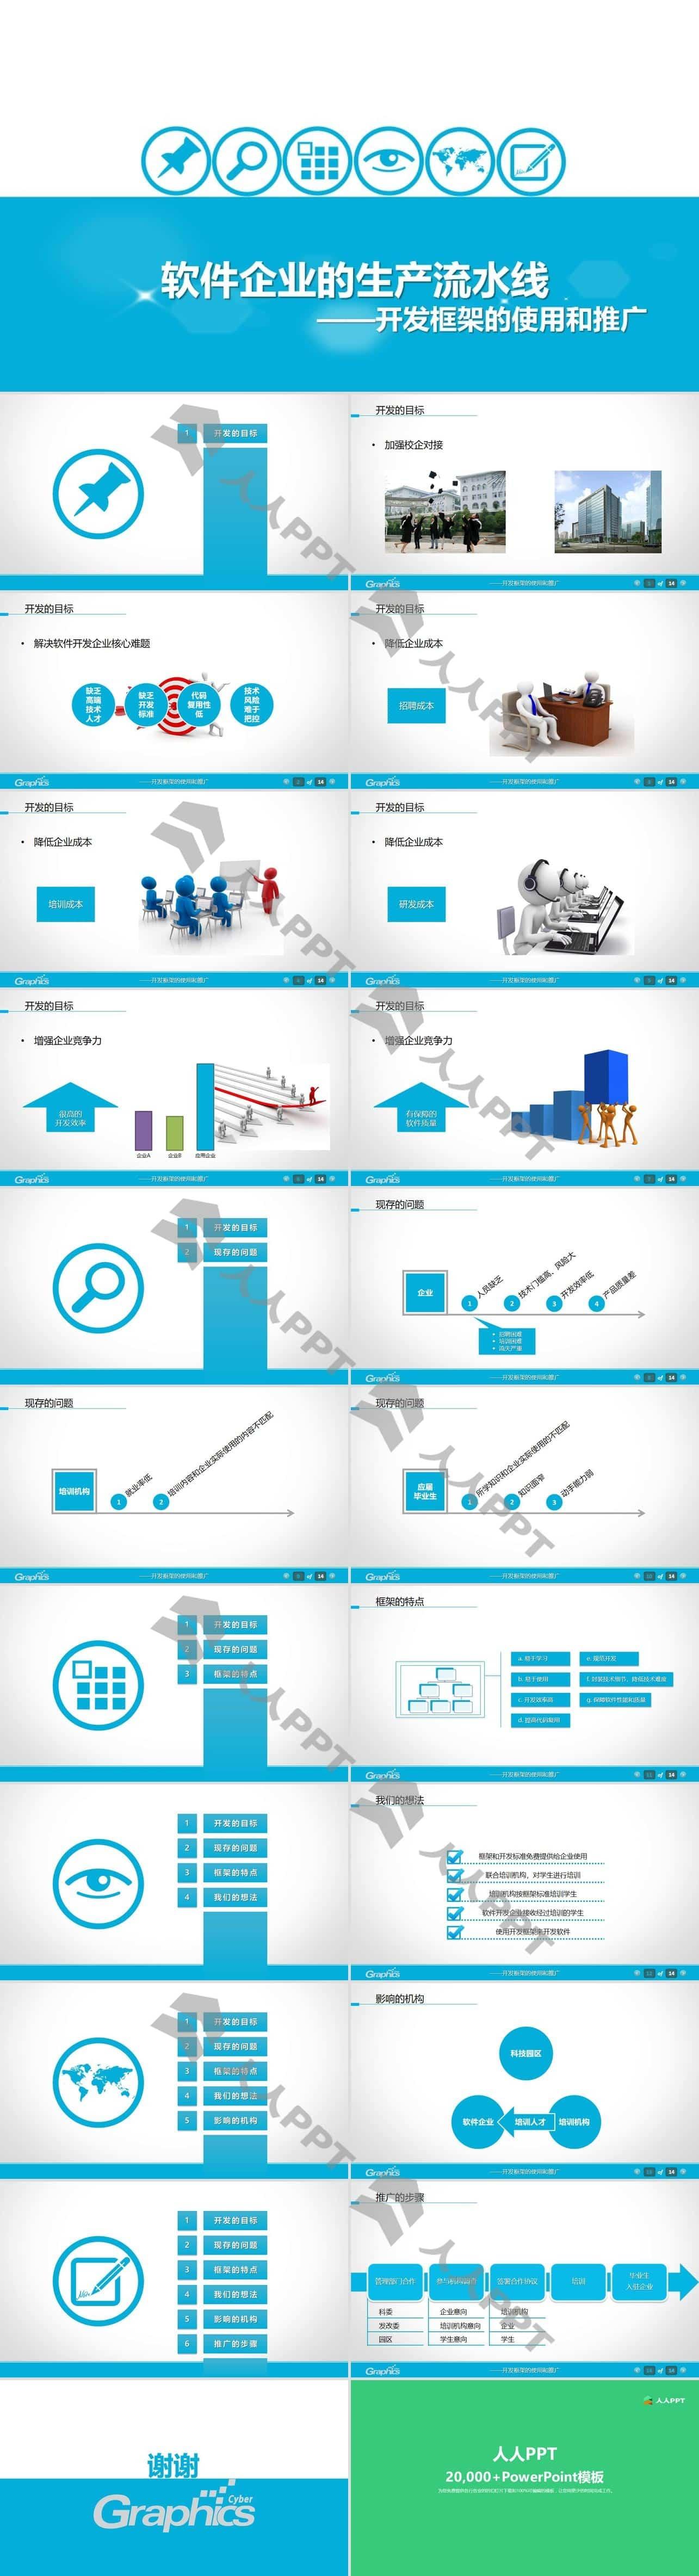 软件工程项目汇报PPT模板长图